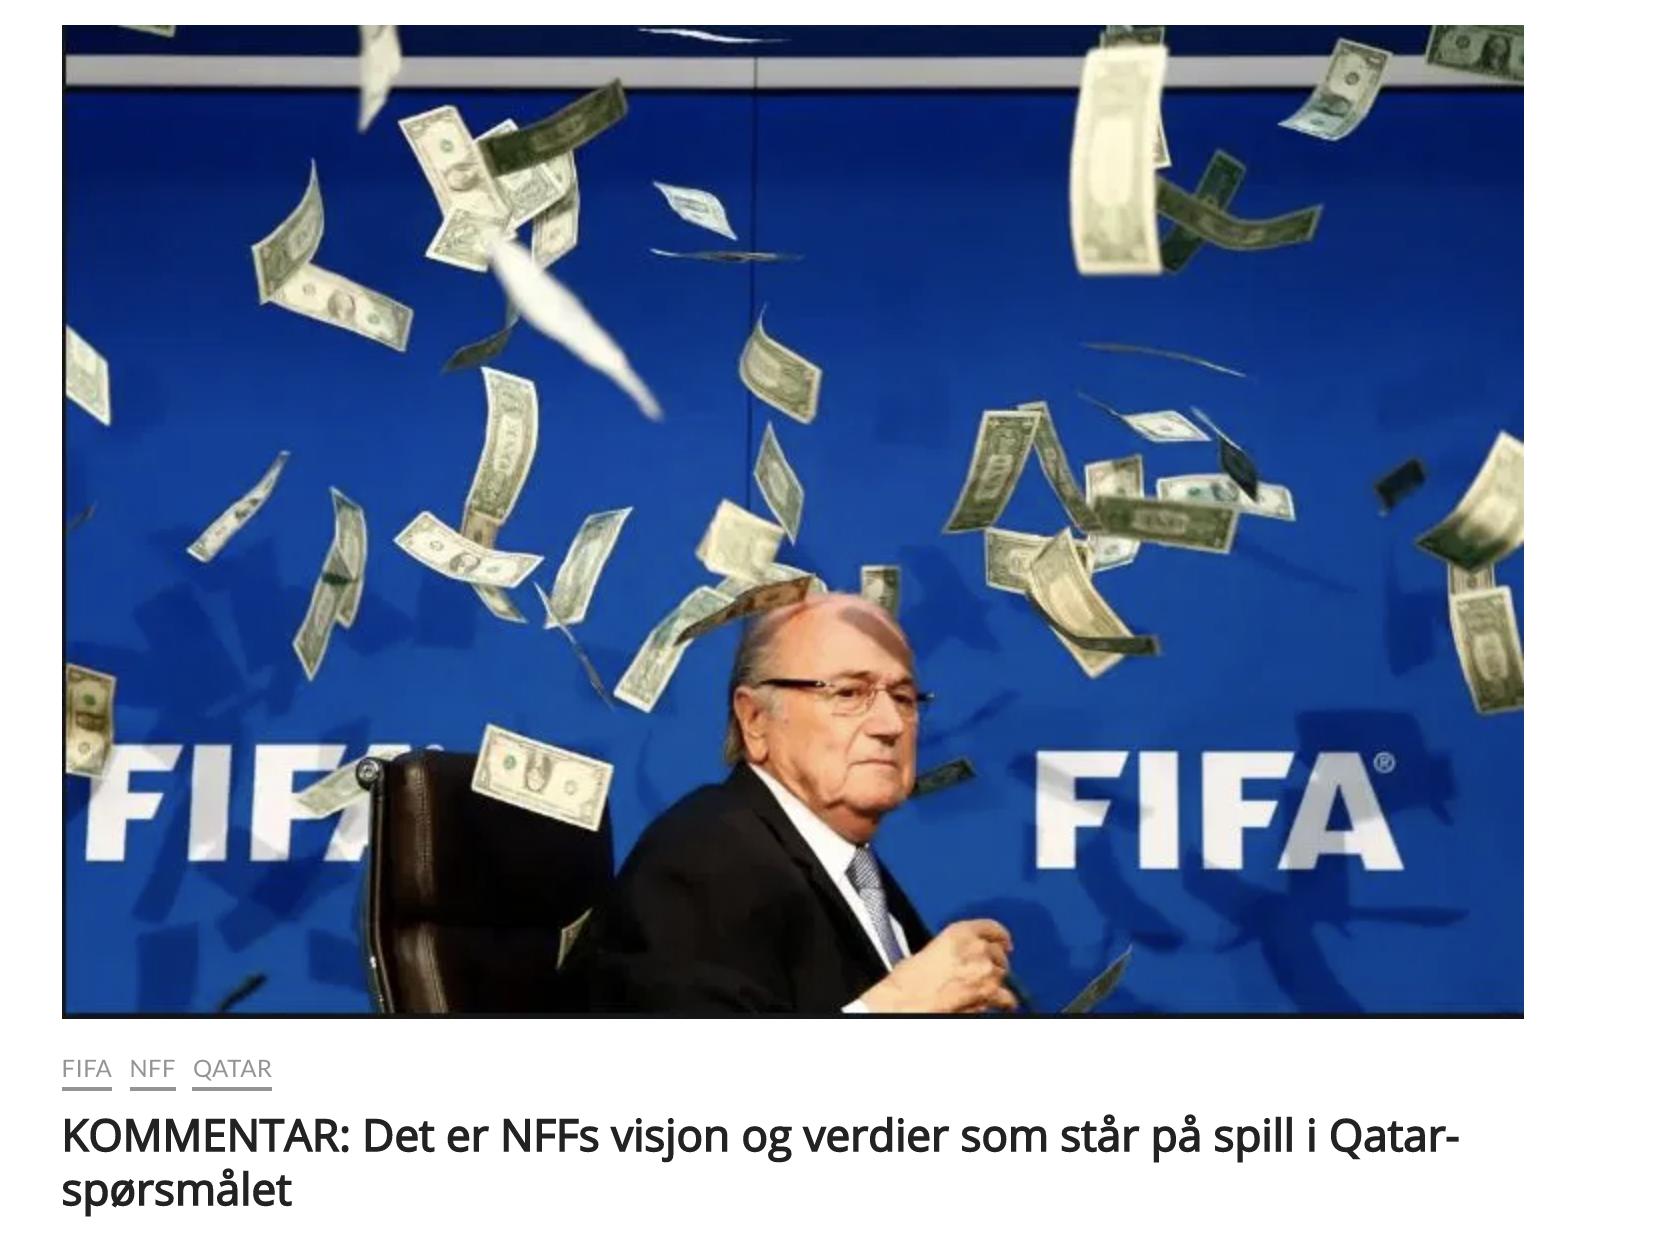 Det er NFFs visjon og verdier som står på spill i Qatar-spørsmålet